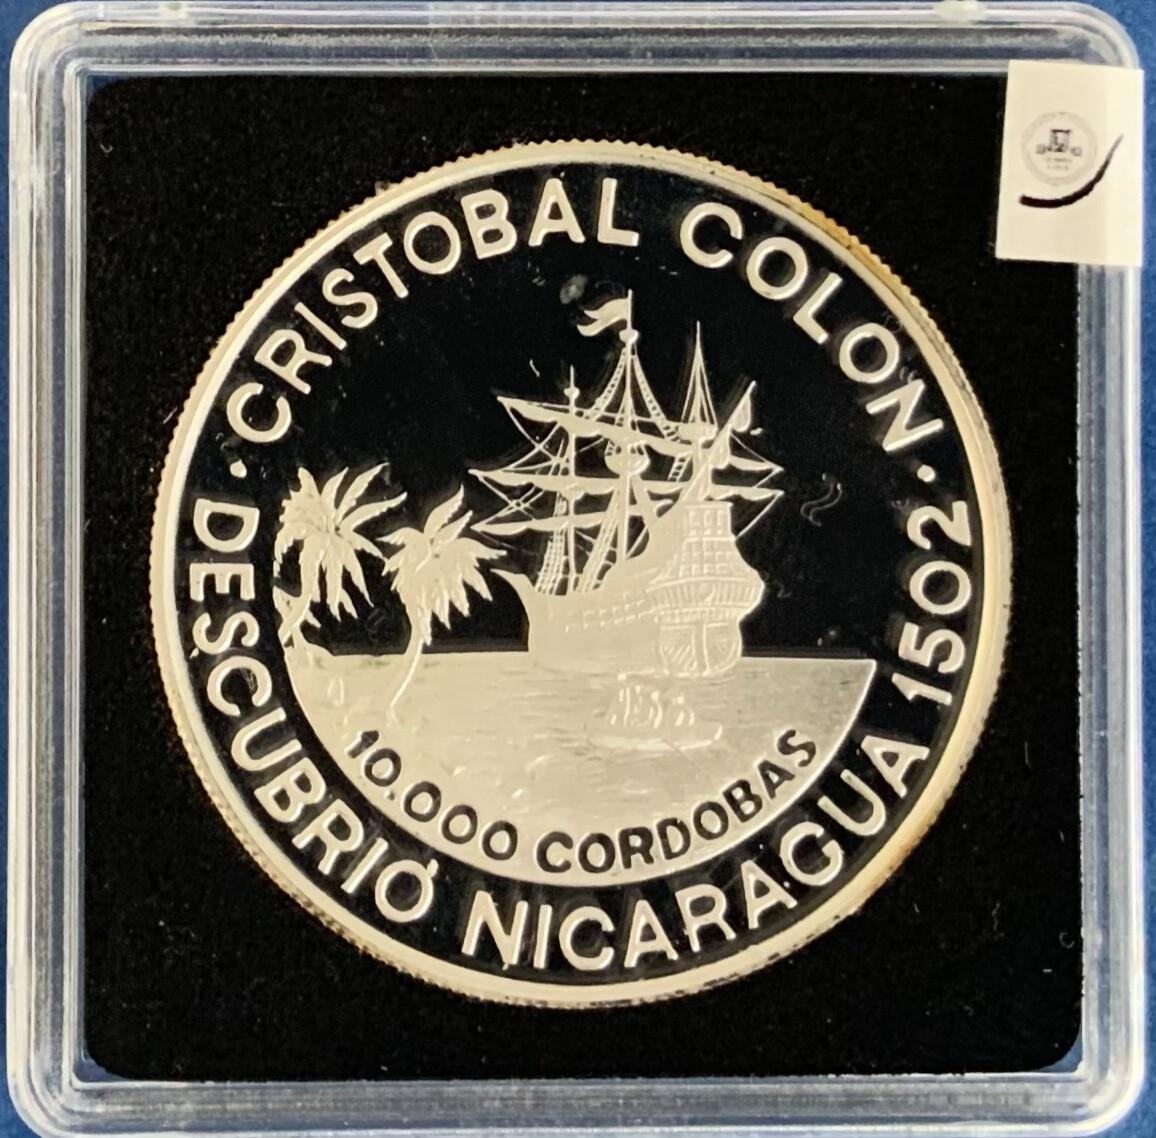 Discovery of Nicaragua 10.000 Cordobas 1989